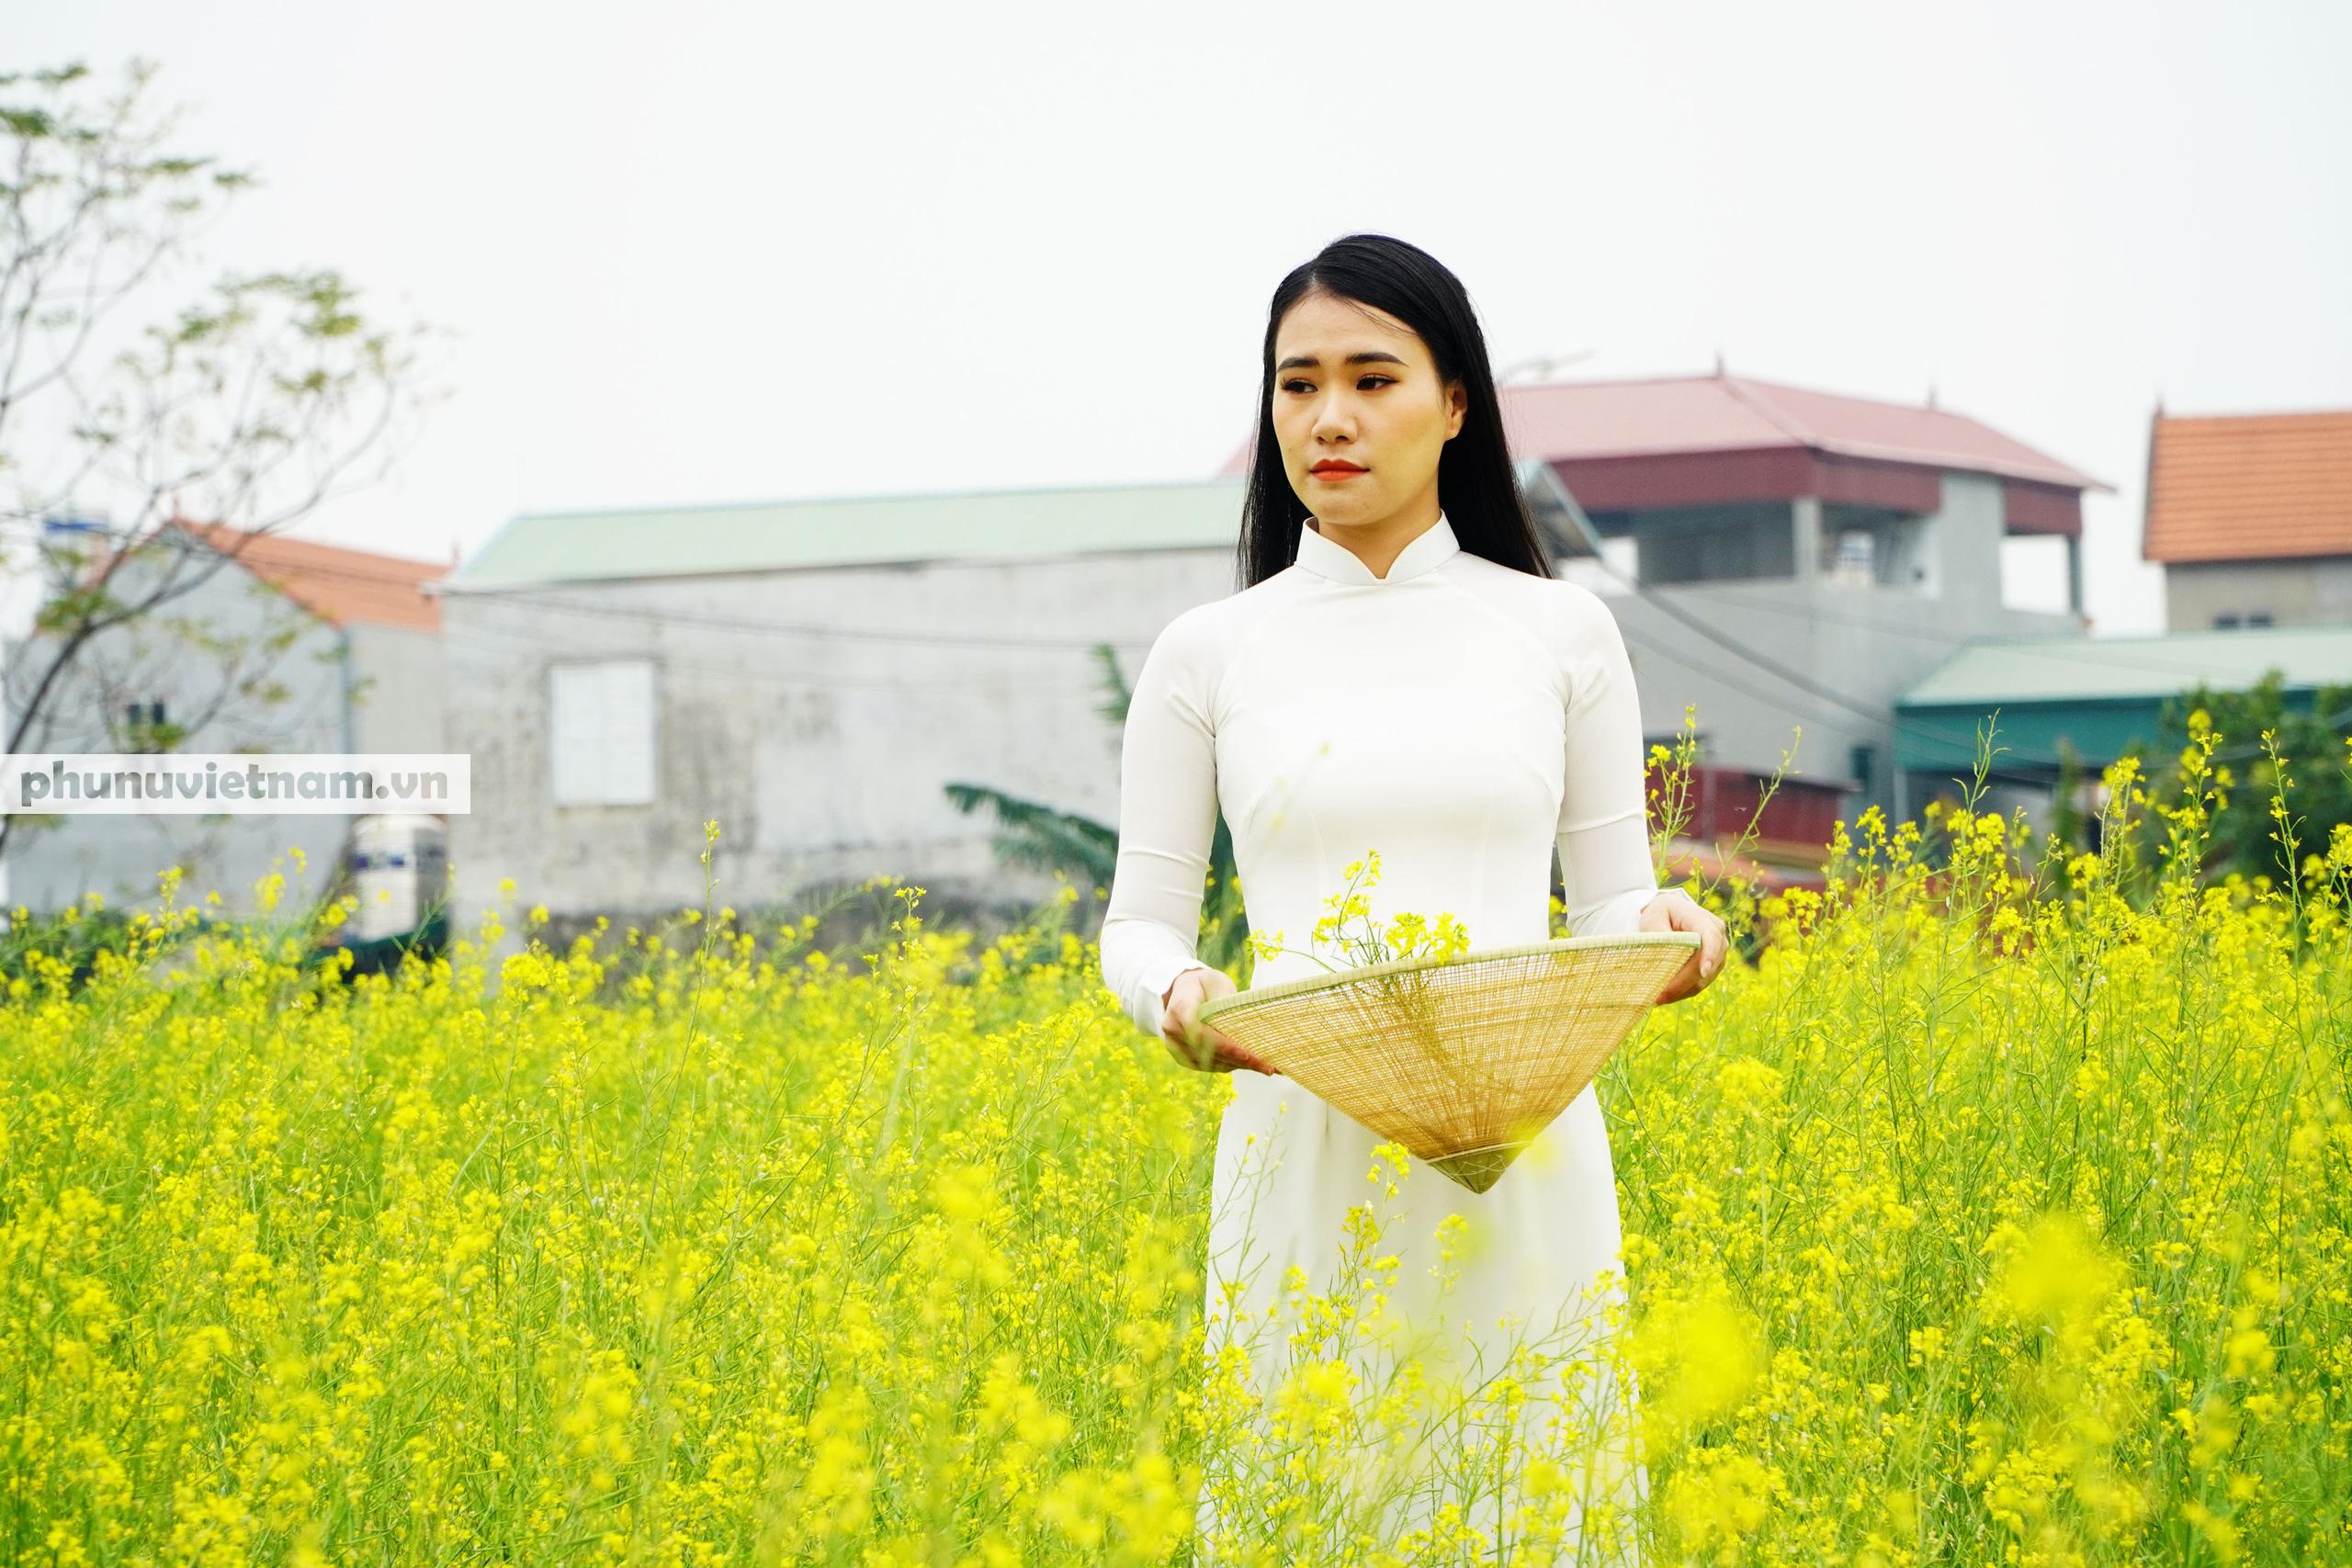 Thiếu nữ áo trắng đẹp hút lòng người trên cánh đồng hoa cải vàng ở Chi Đông - Ảnh 3.